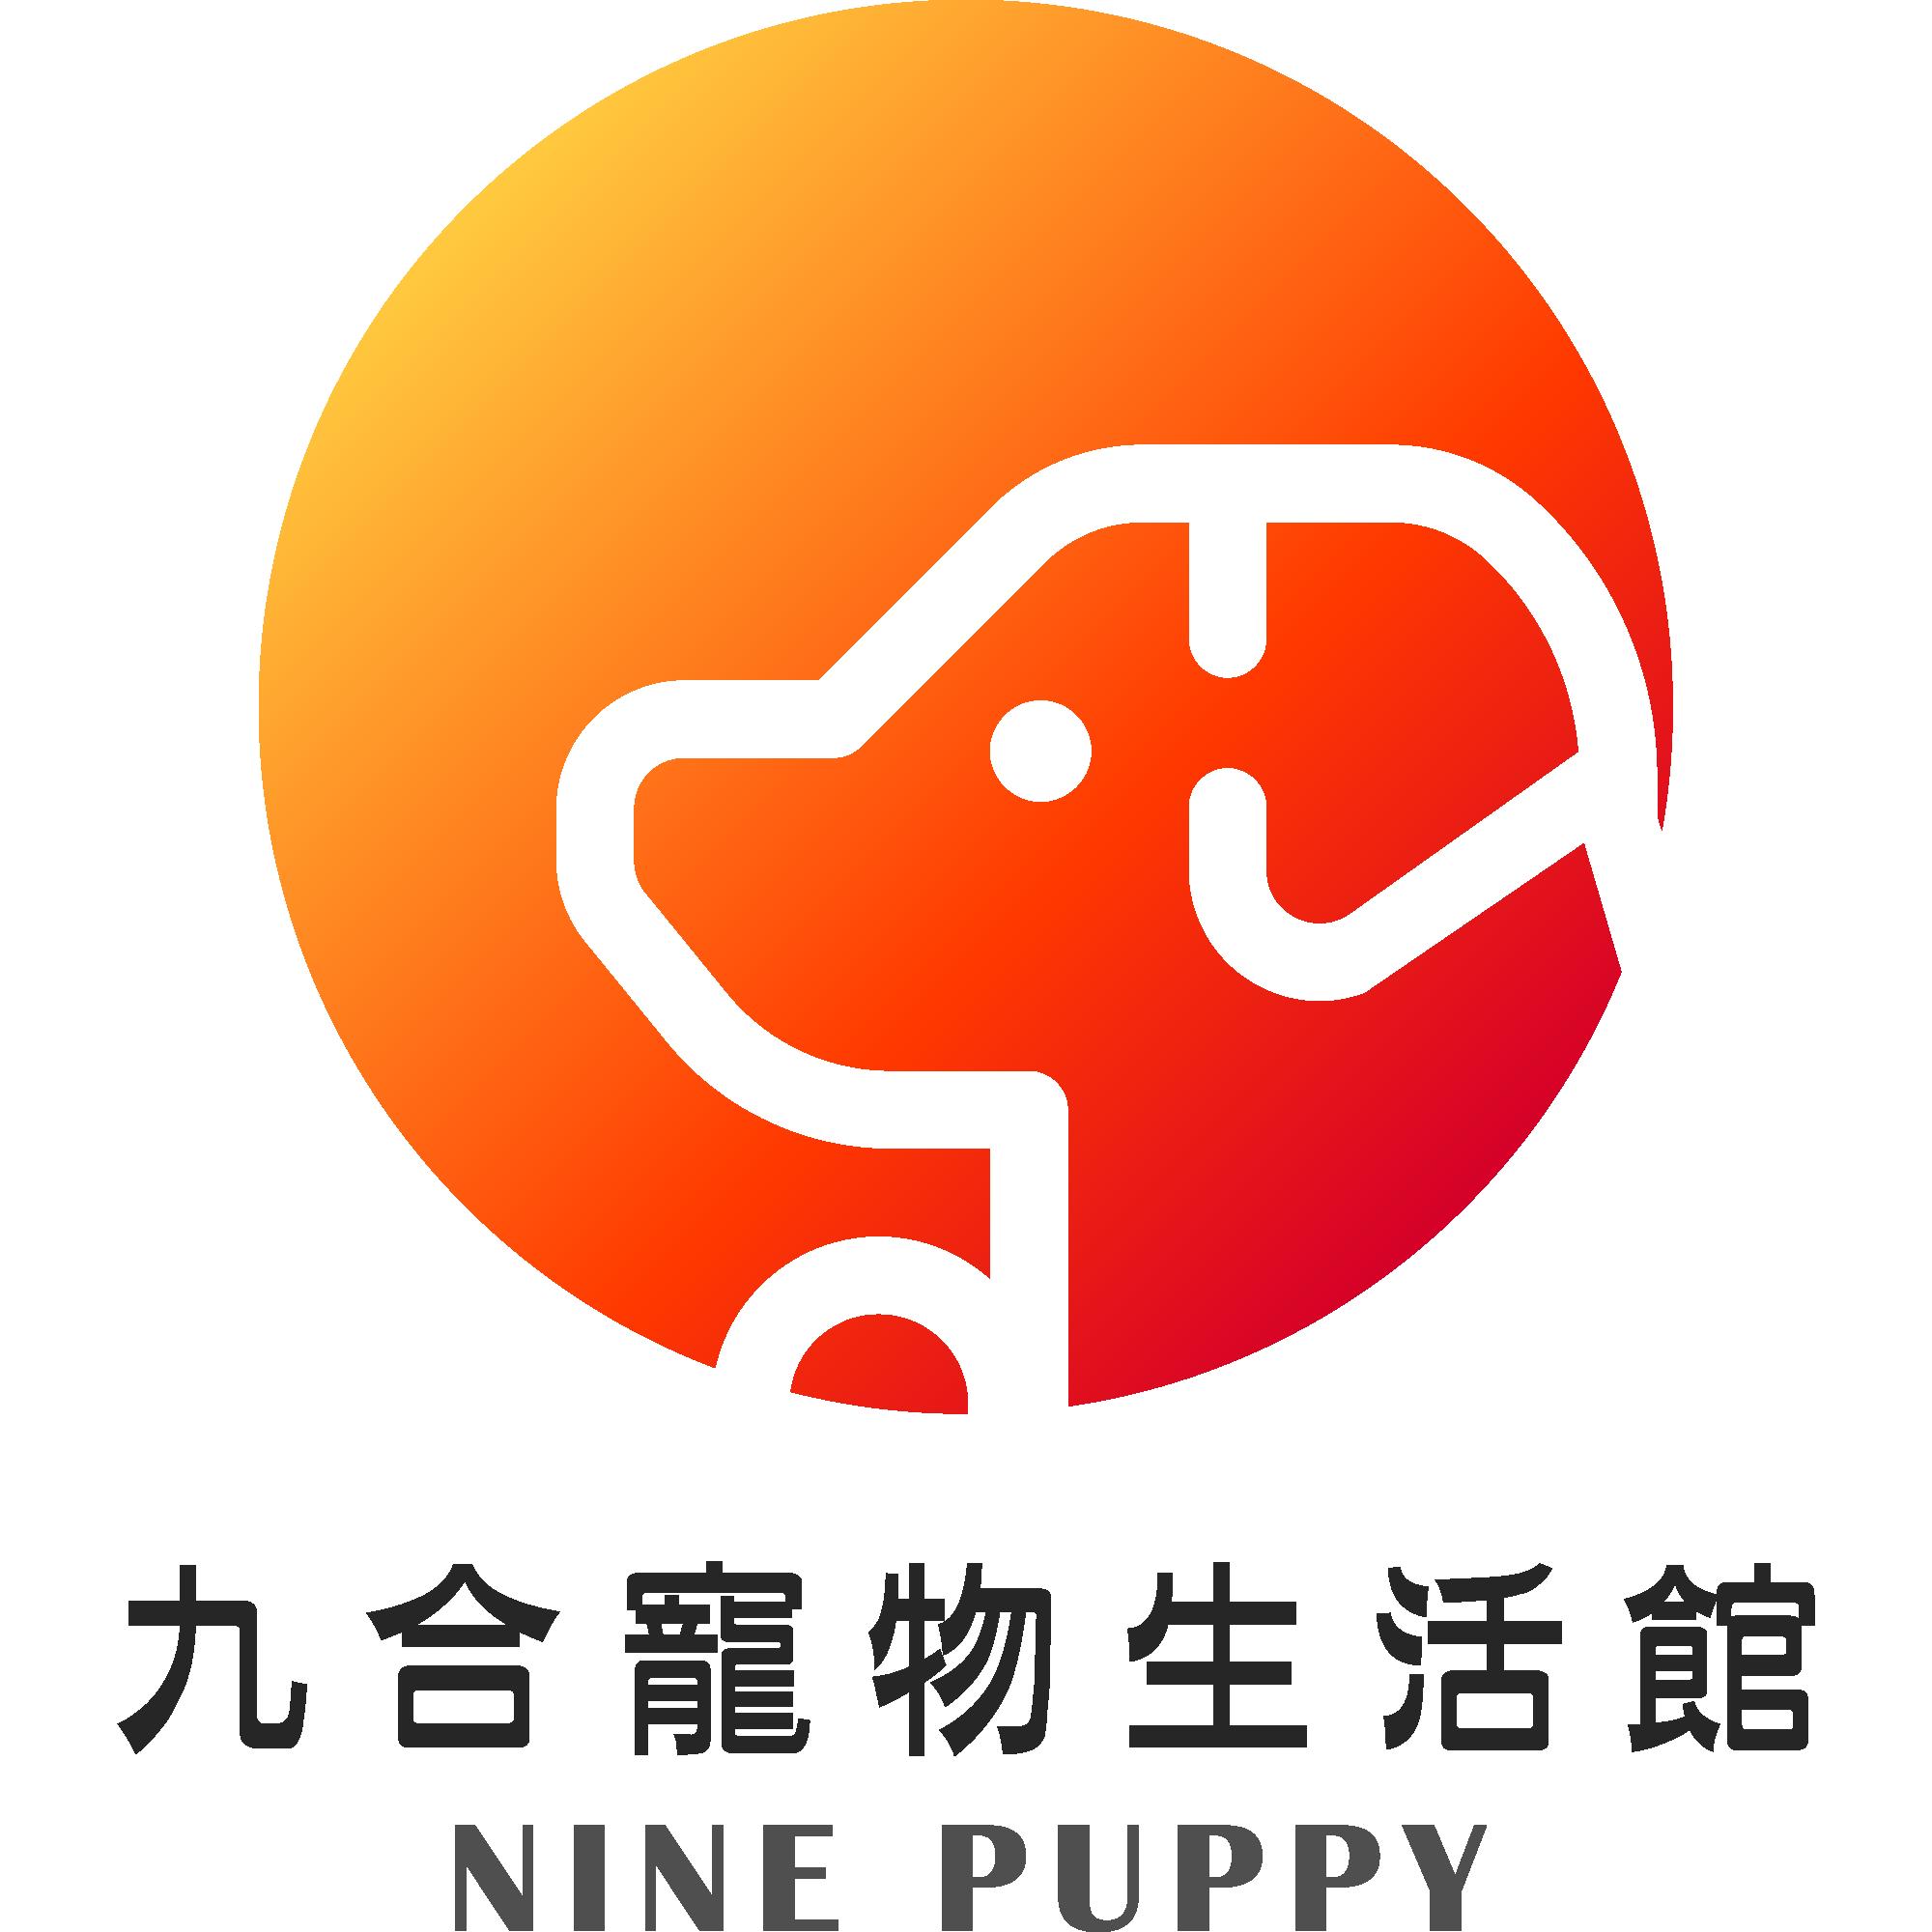 九合寵物生活館-苗栗寵物店,台中幼犬買賣